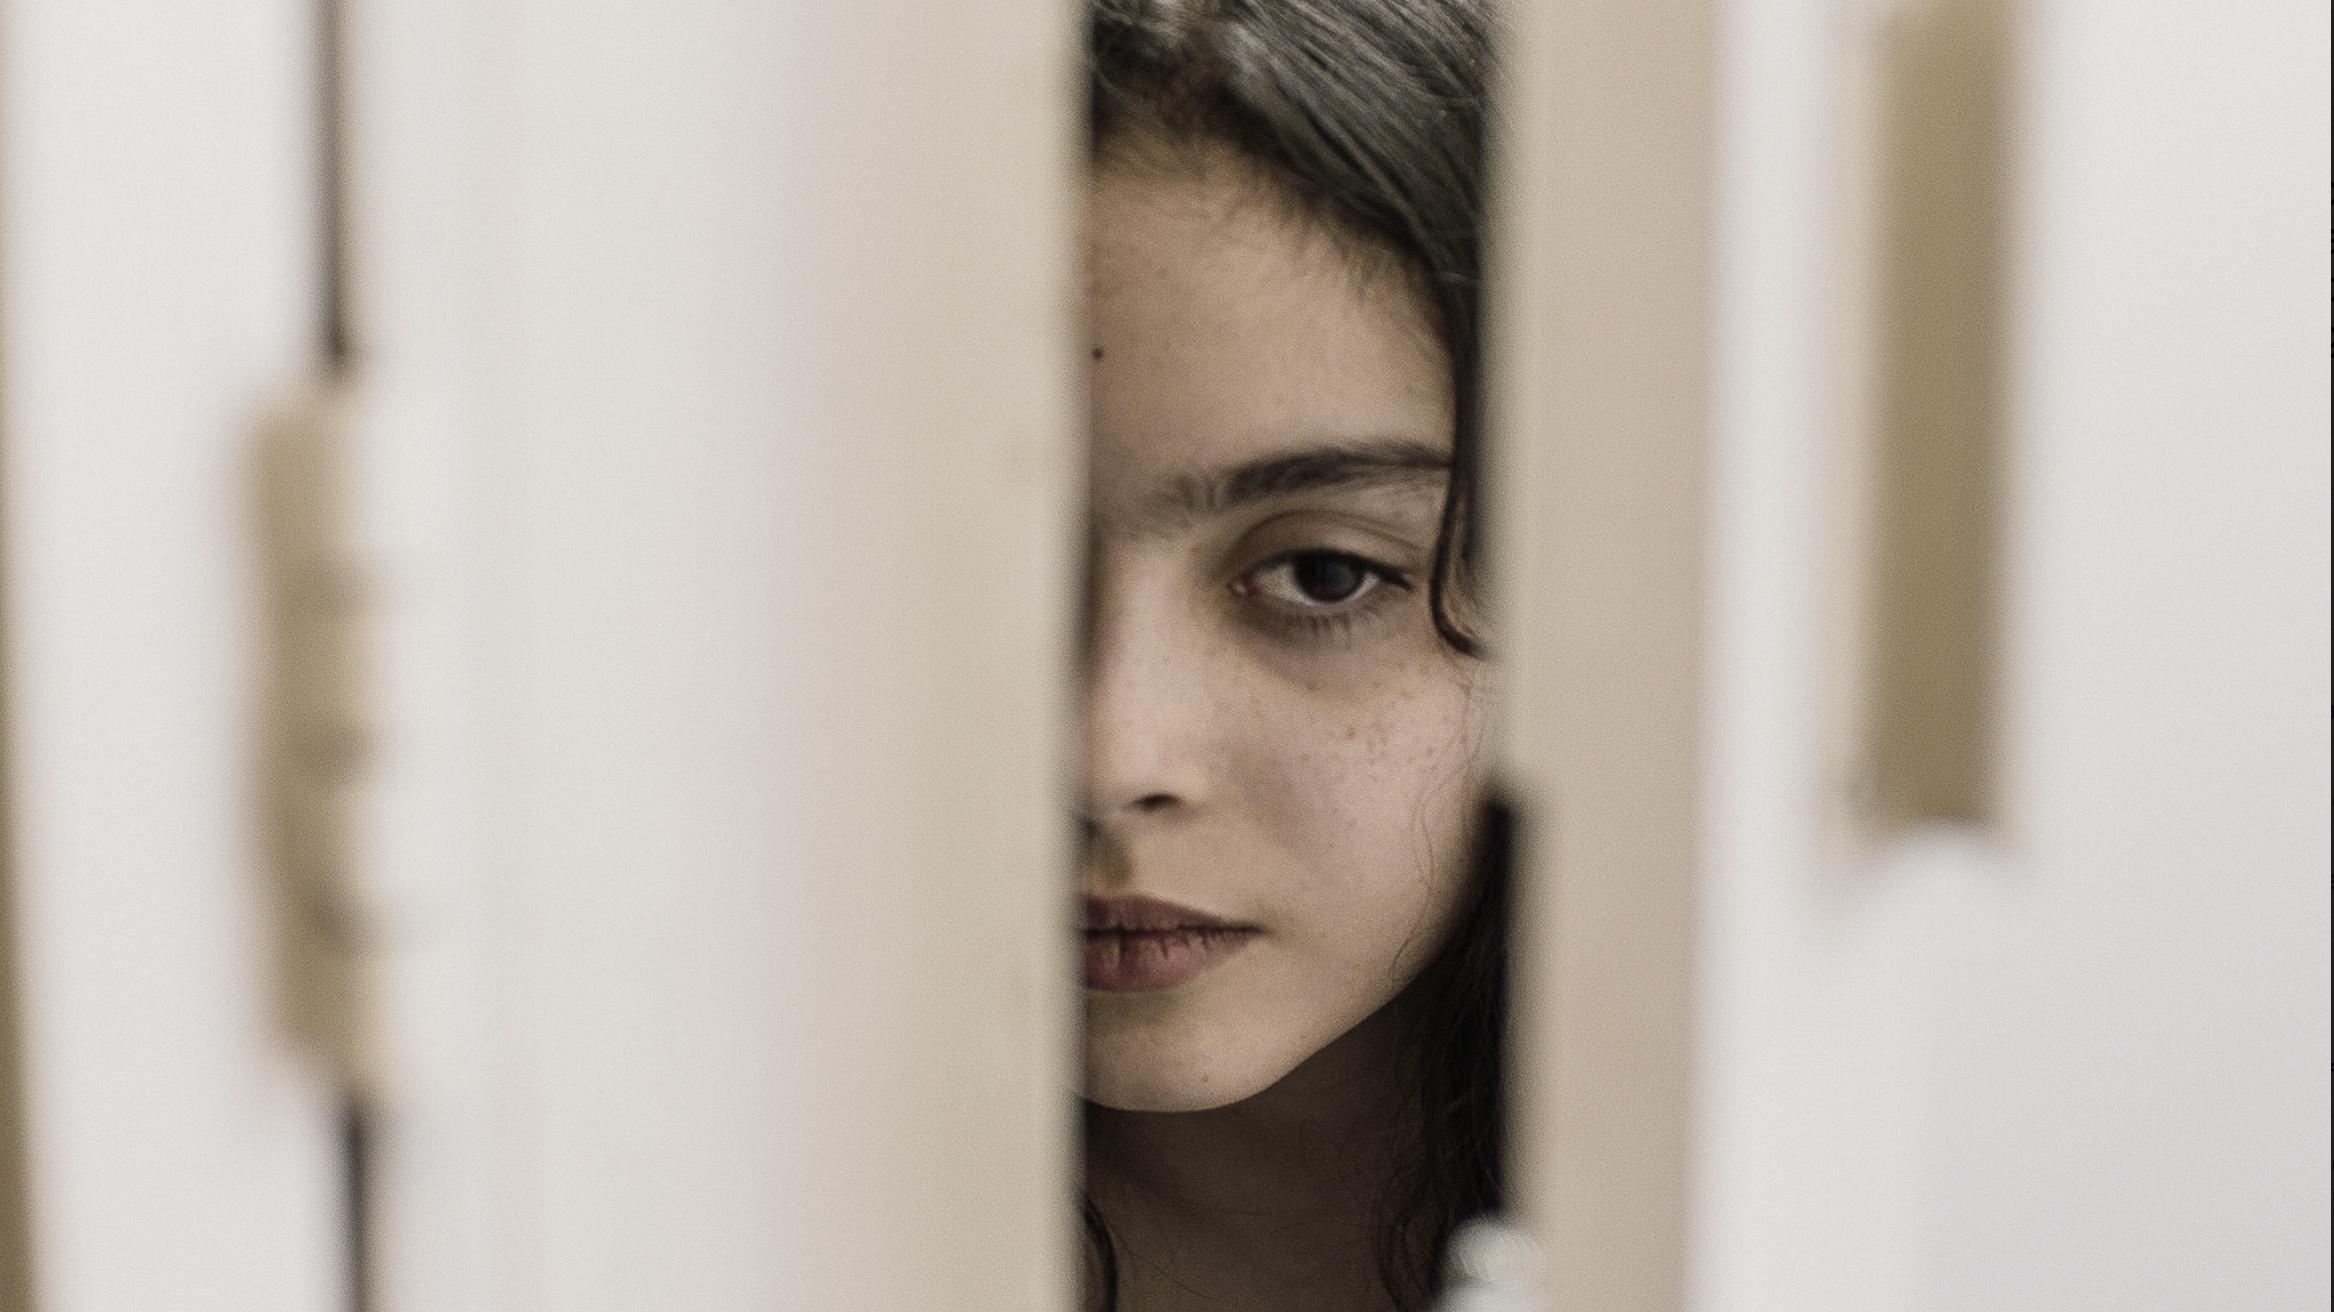 SOMEBODY'S DAUGHTER - Dramatic Short | Mexico | English, Spanish | 2018 | Shalini Adnani | 11 min